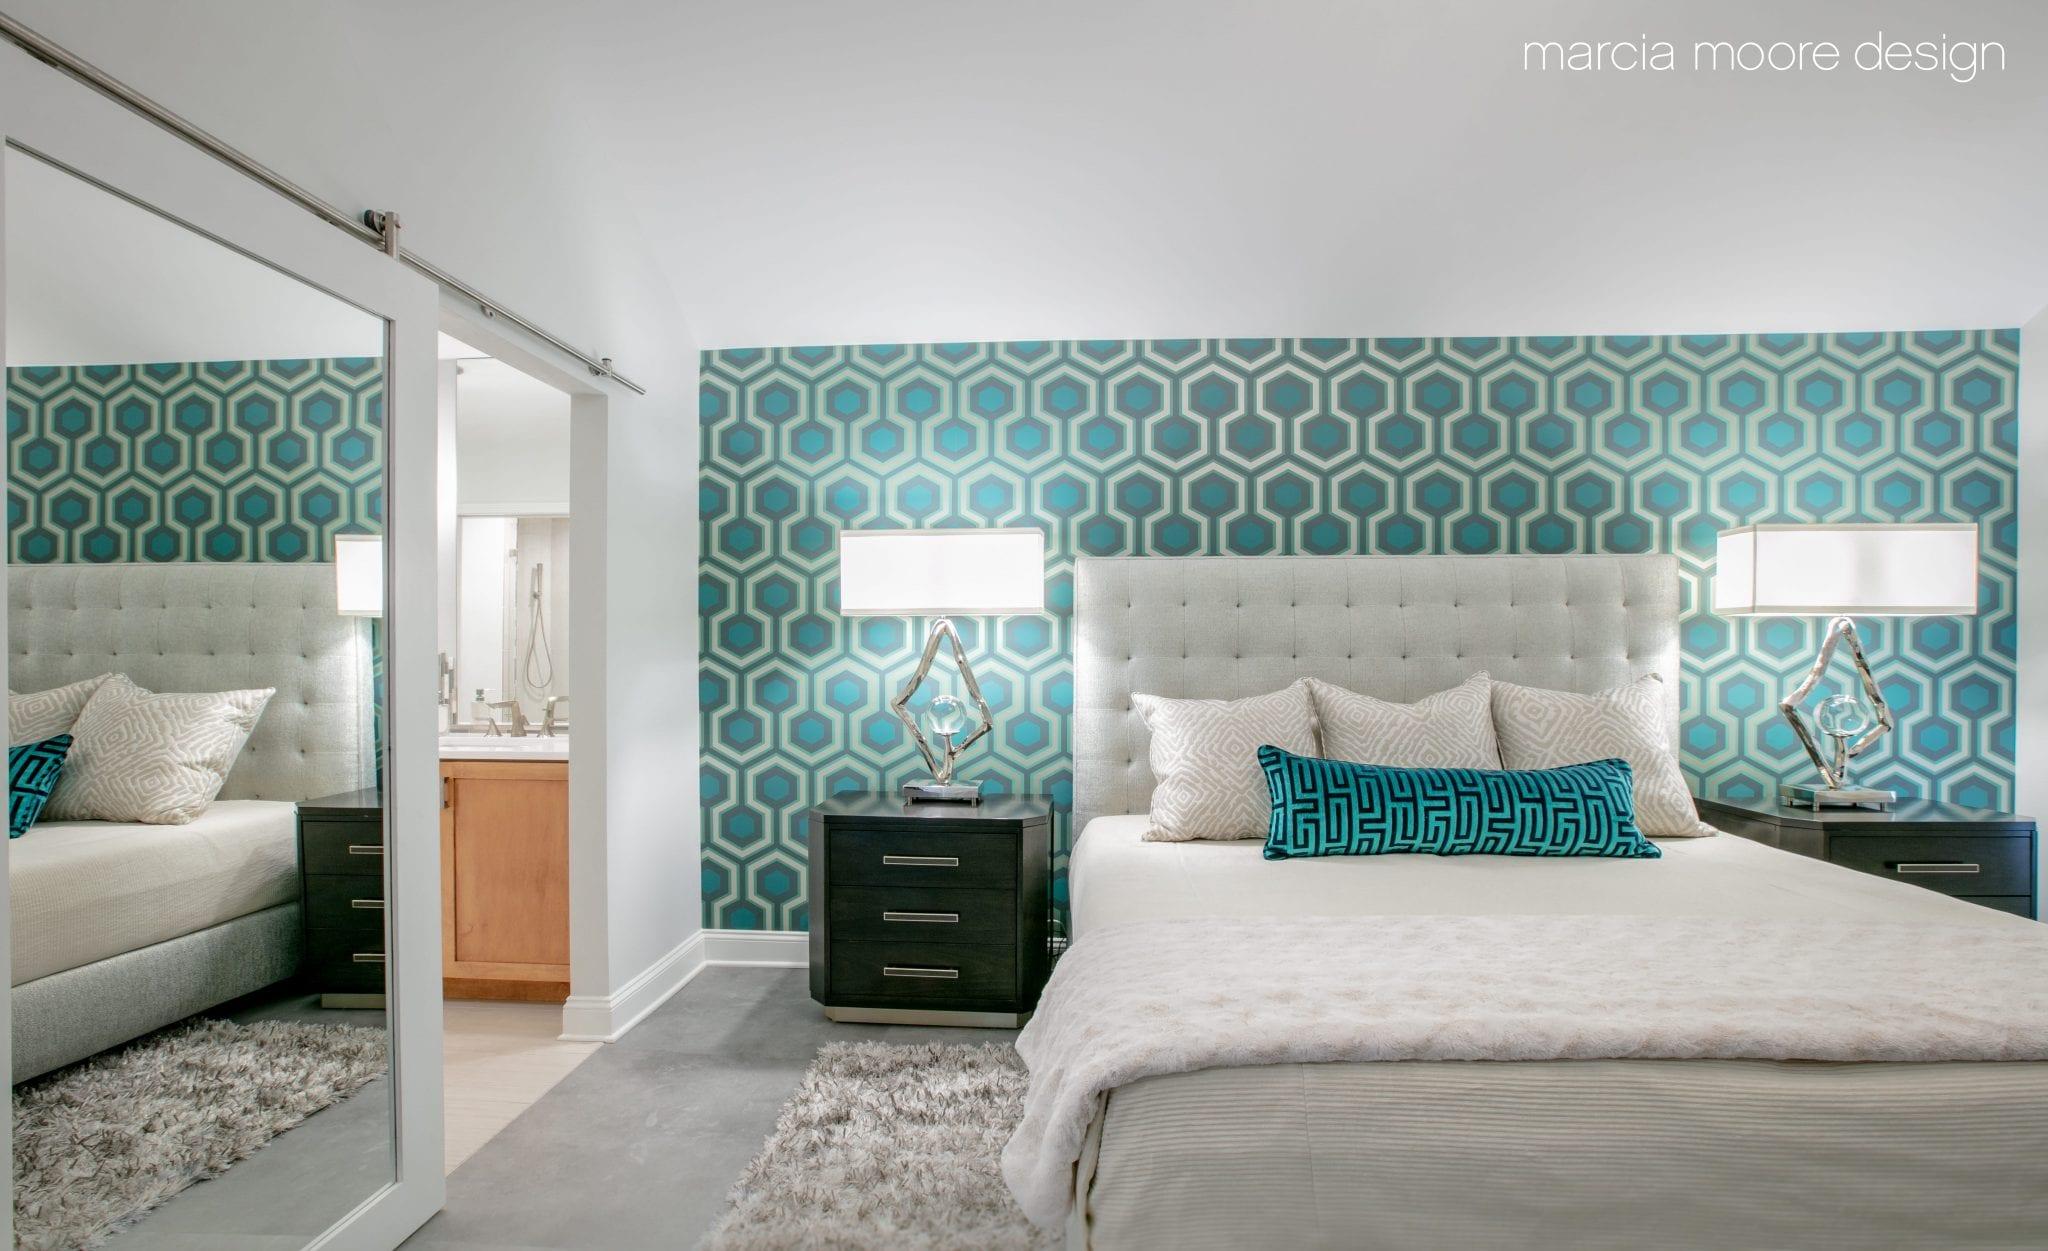 White pillows inside room